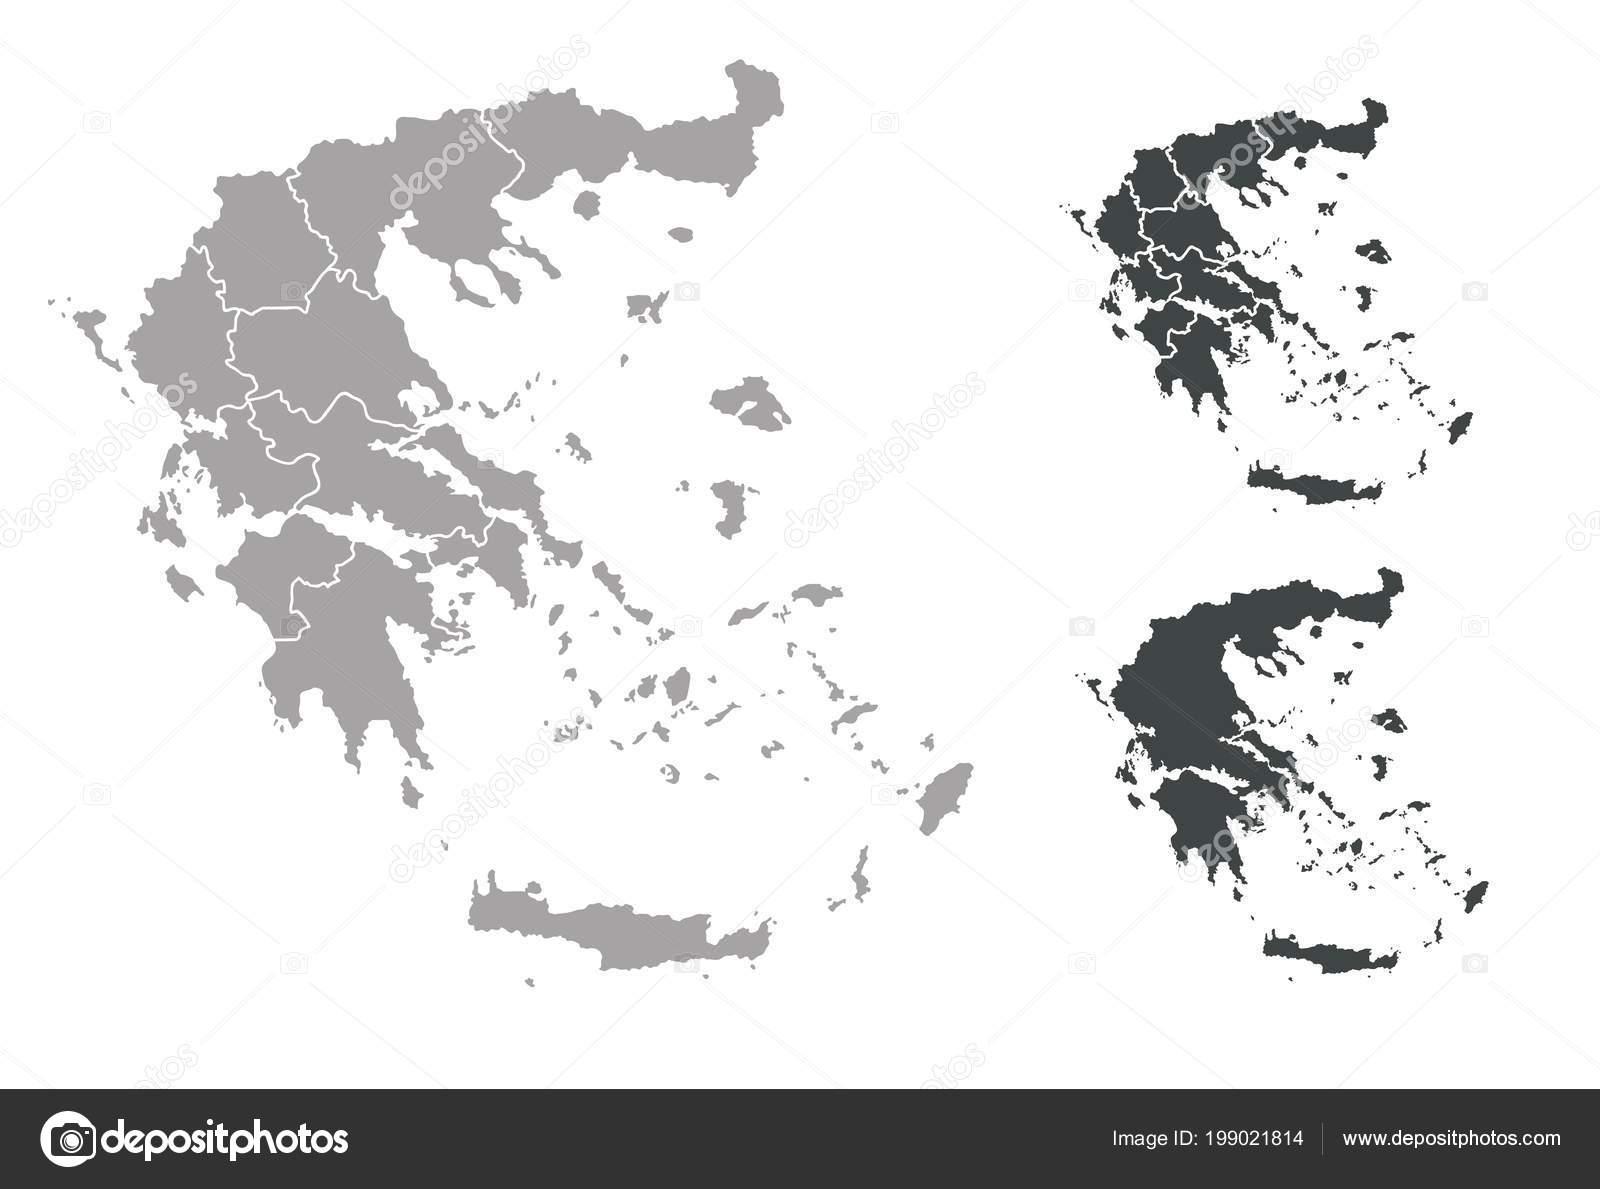 Cartina Muta Della Grecia.Immagini Cartina Muta Grecia Cartina Muta Della Grecia